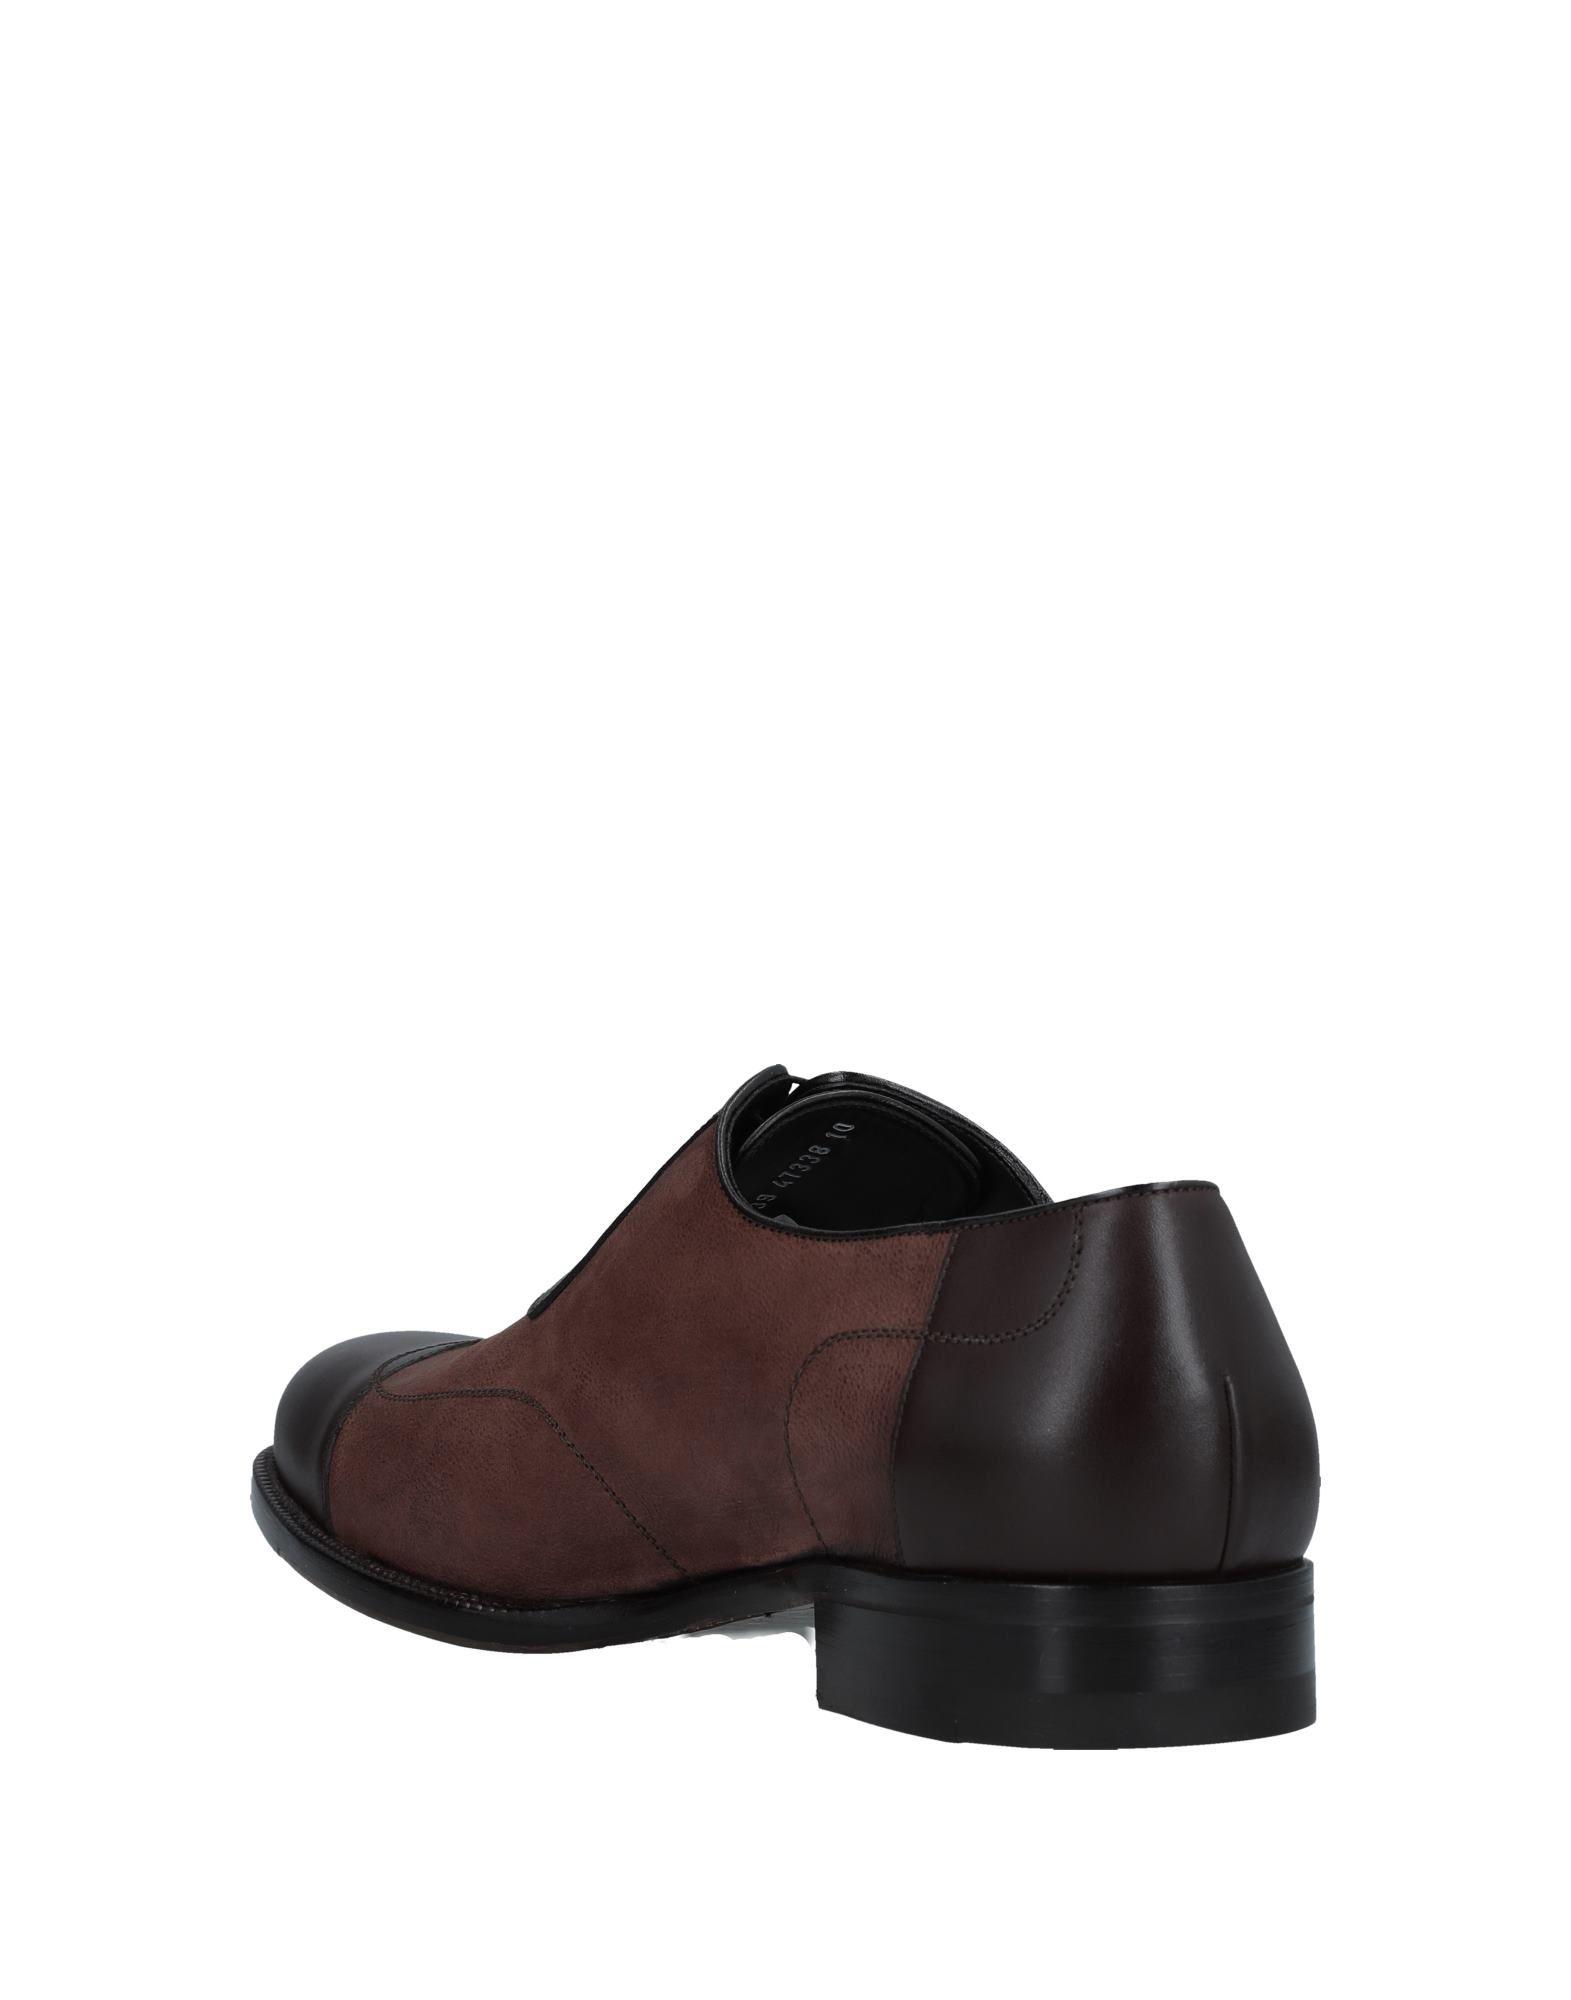 A.Testoni Schnürschuhe Herren  11540298LQ Gute Qualität beliebte Schuhe